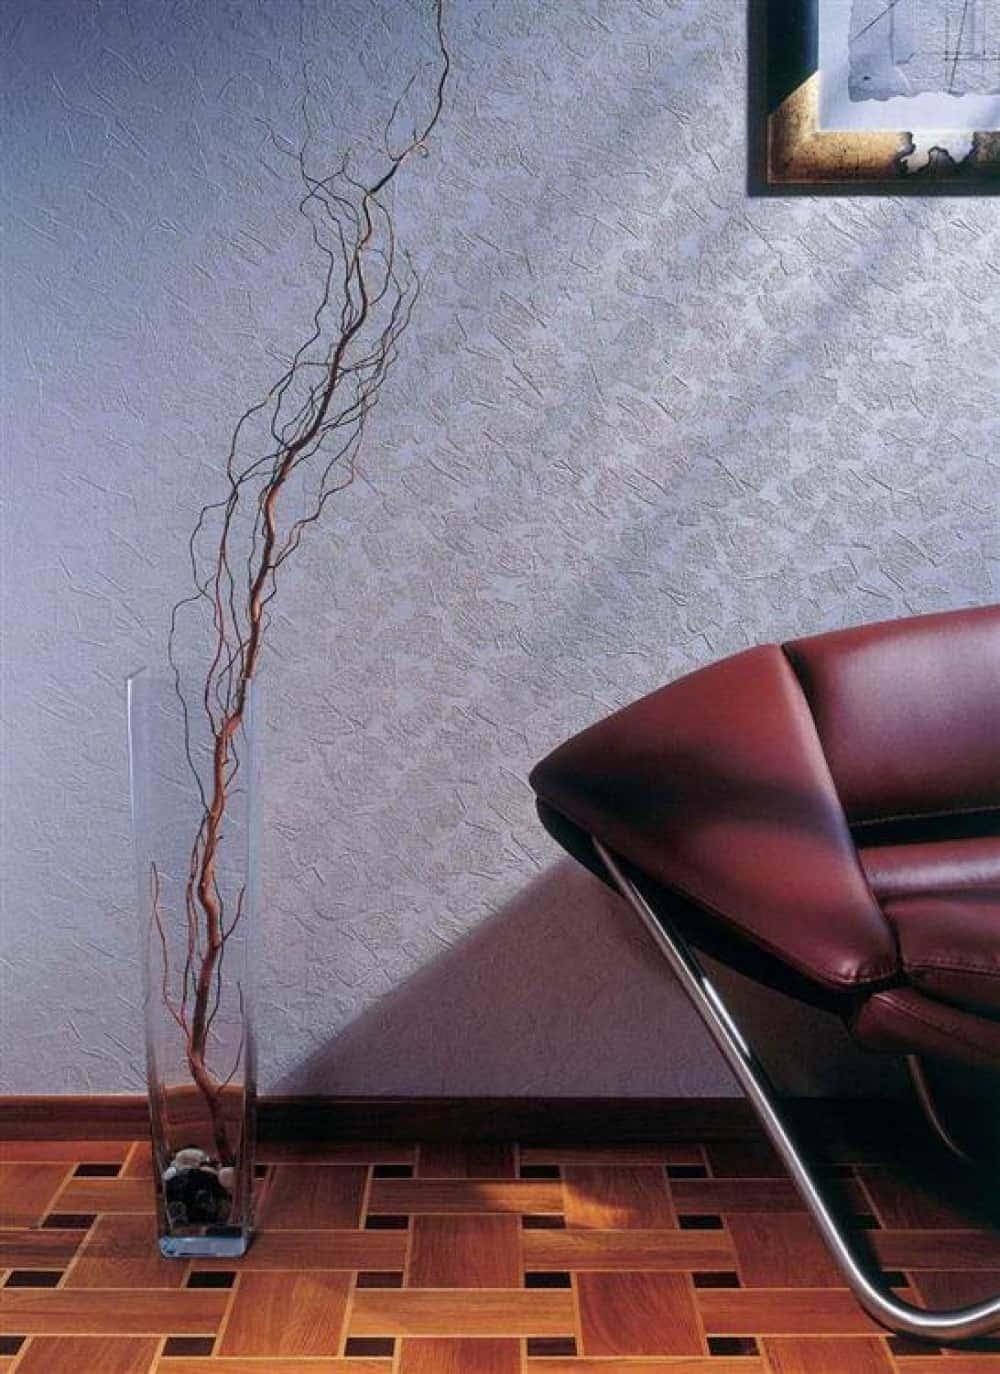 Декоративная штукатурка - лучшие красивые варианты отделки стен в интерьере 114